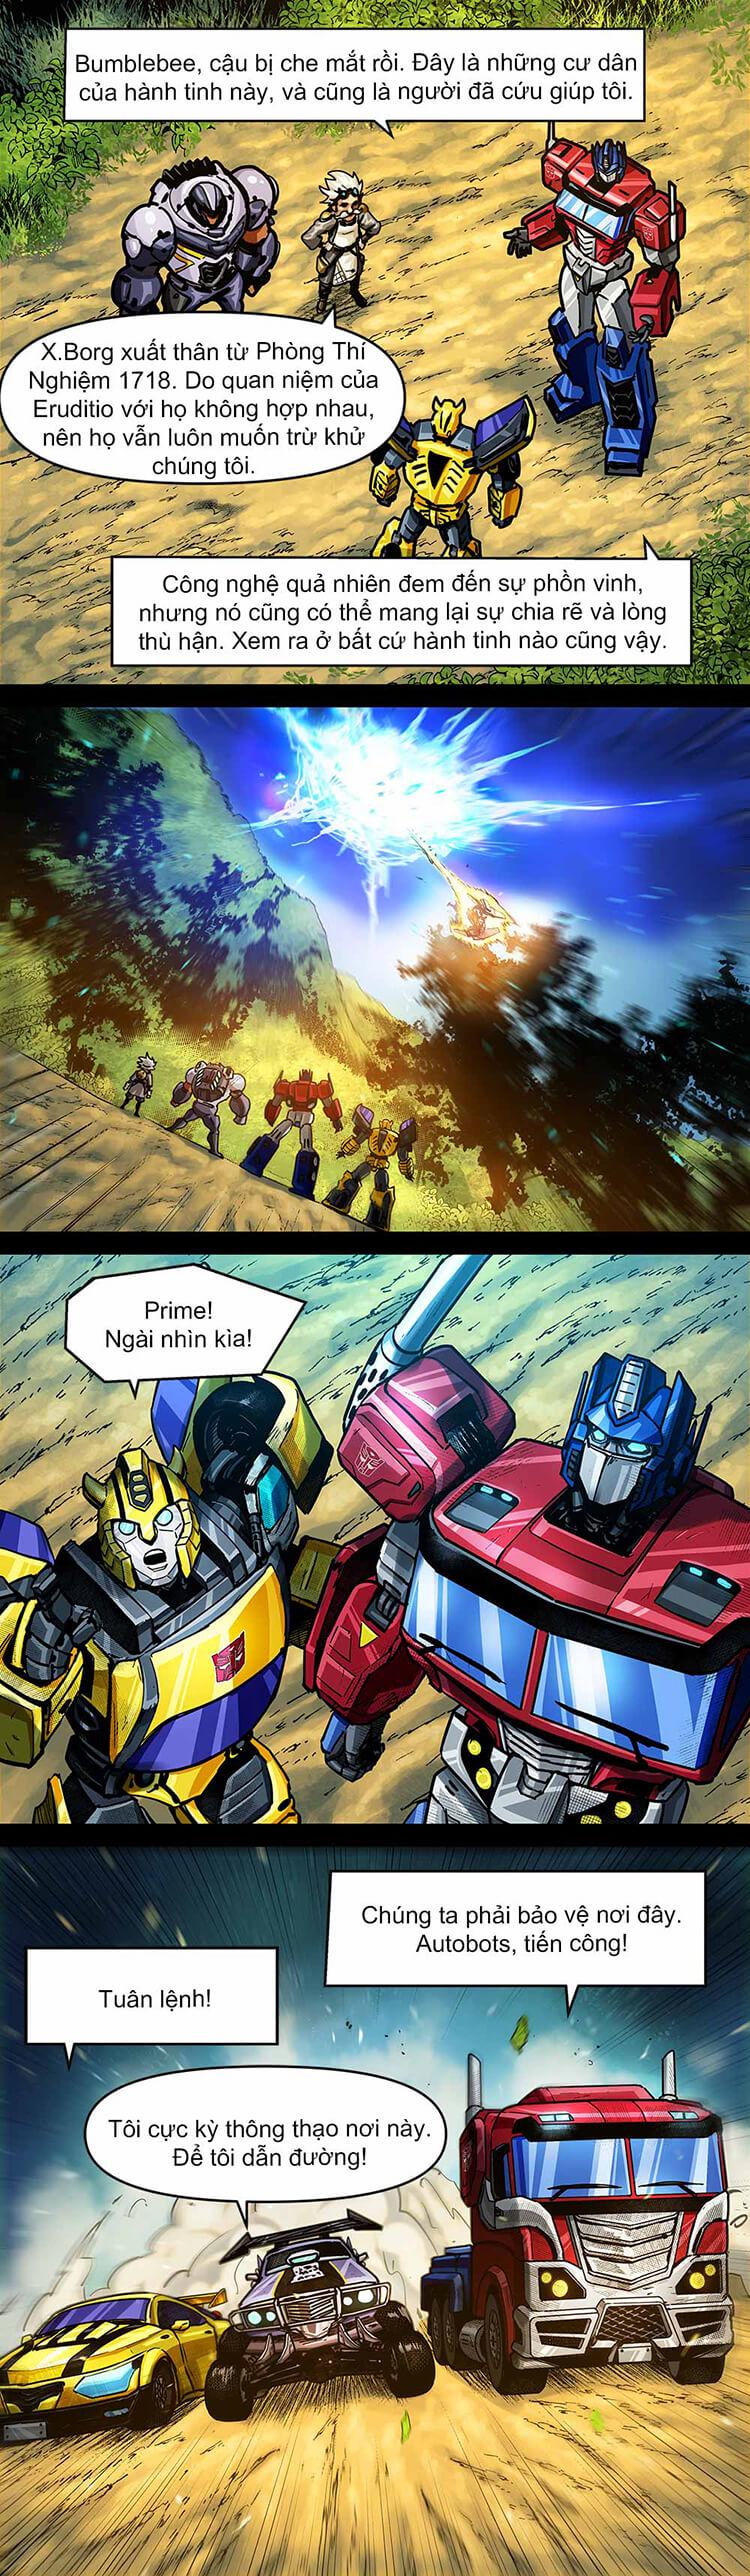 Comic MLBB: Lãng khách đến từ Cybertron - Trang 10